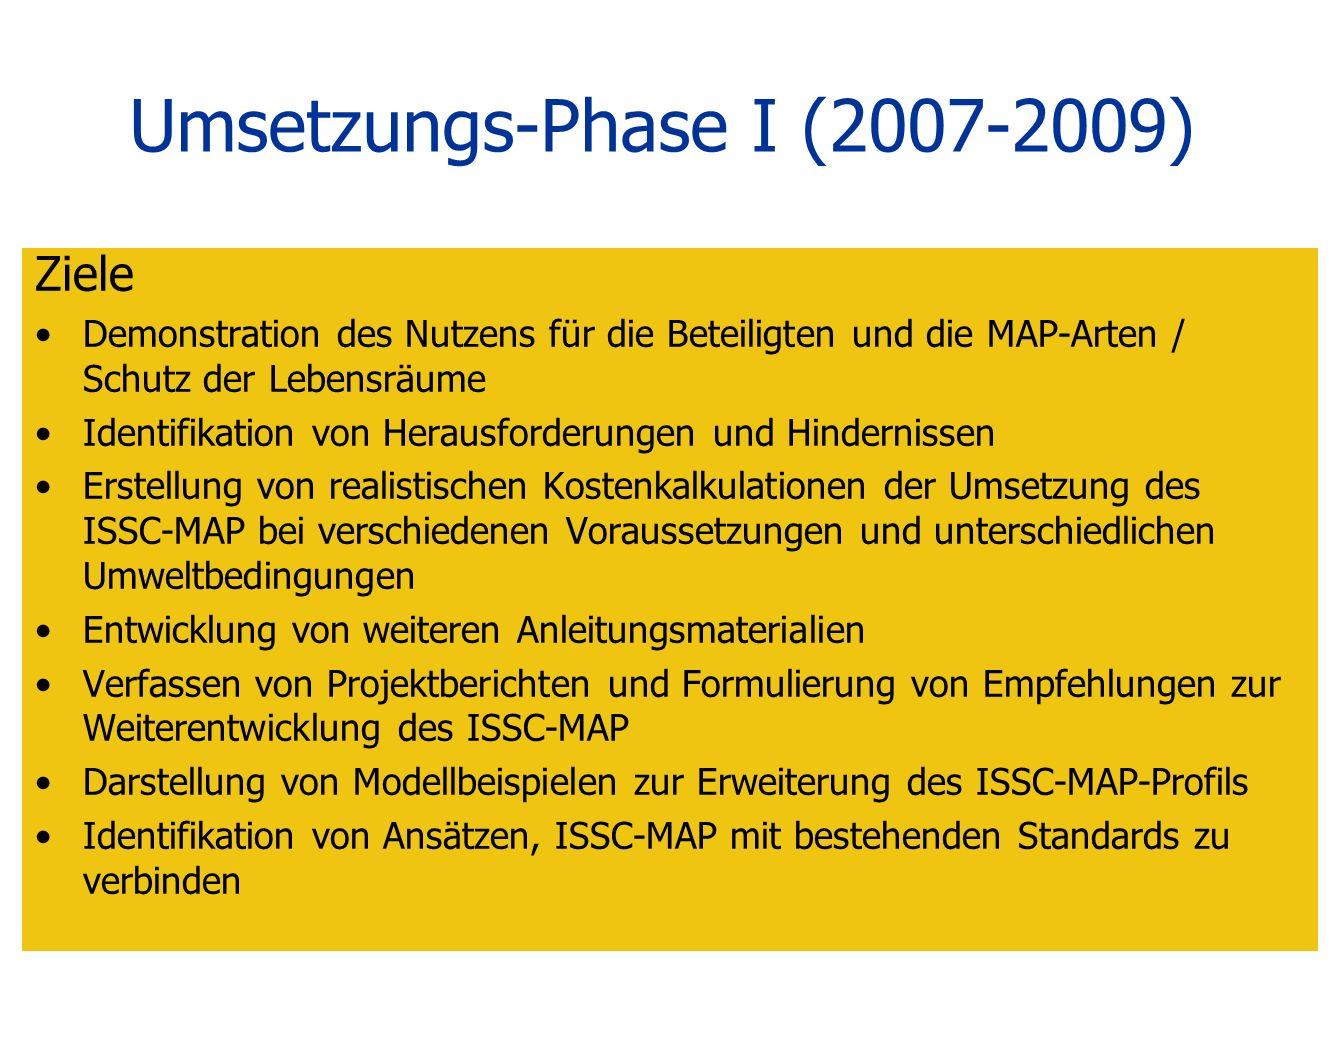 Umsetzungs-Phase I (2007-2009)